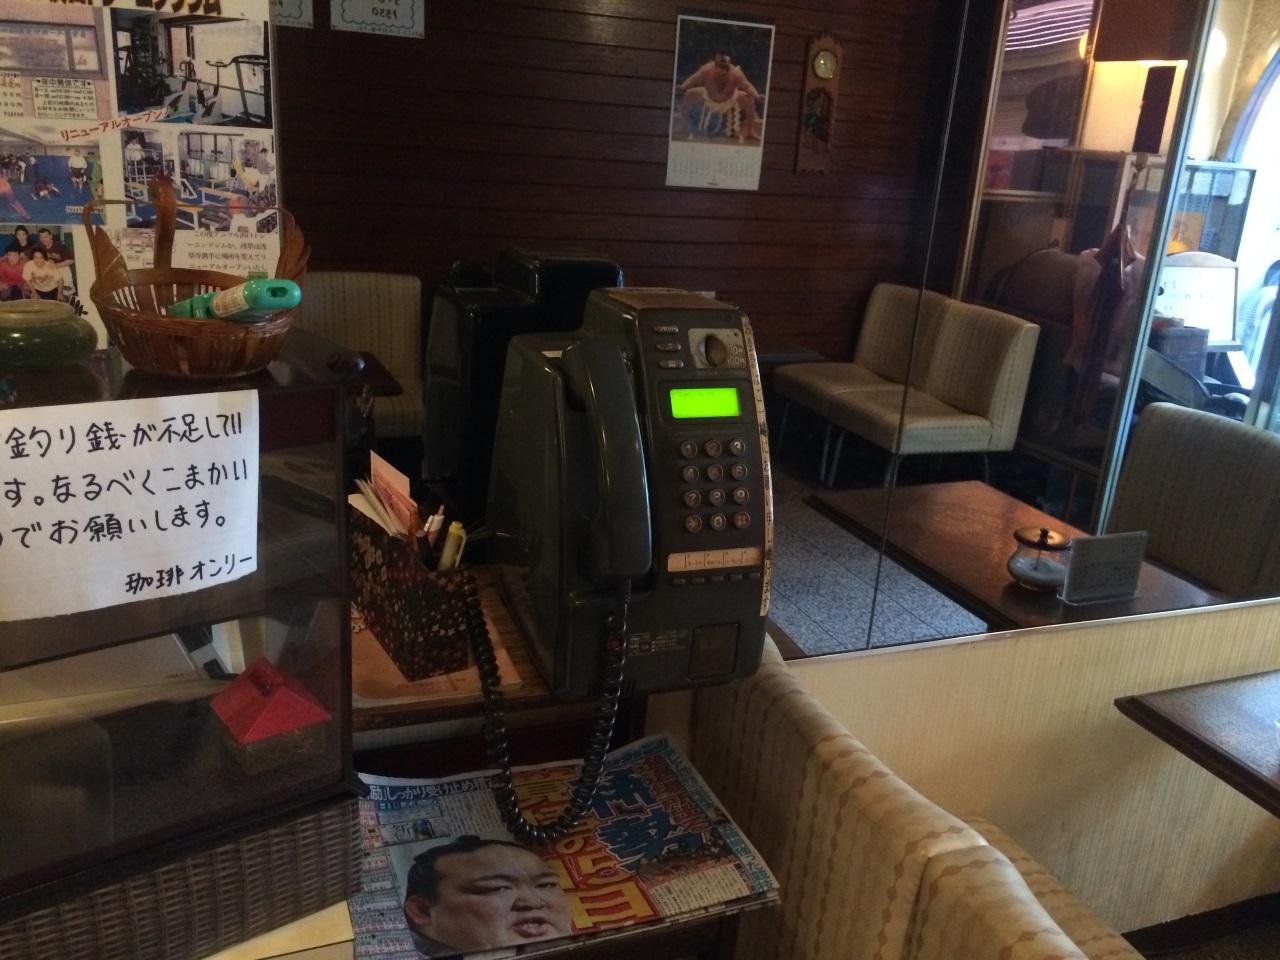 珈琲のオンリーには公衆電話がある